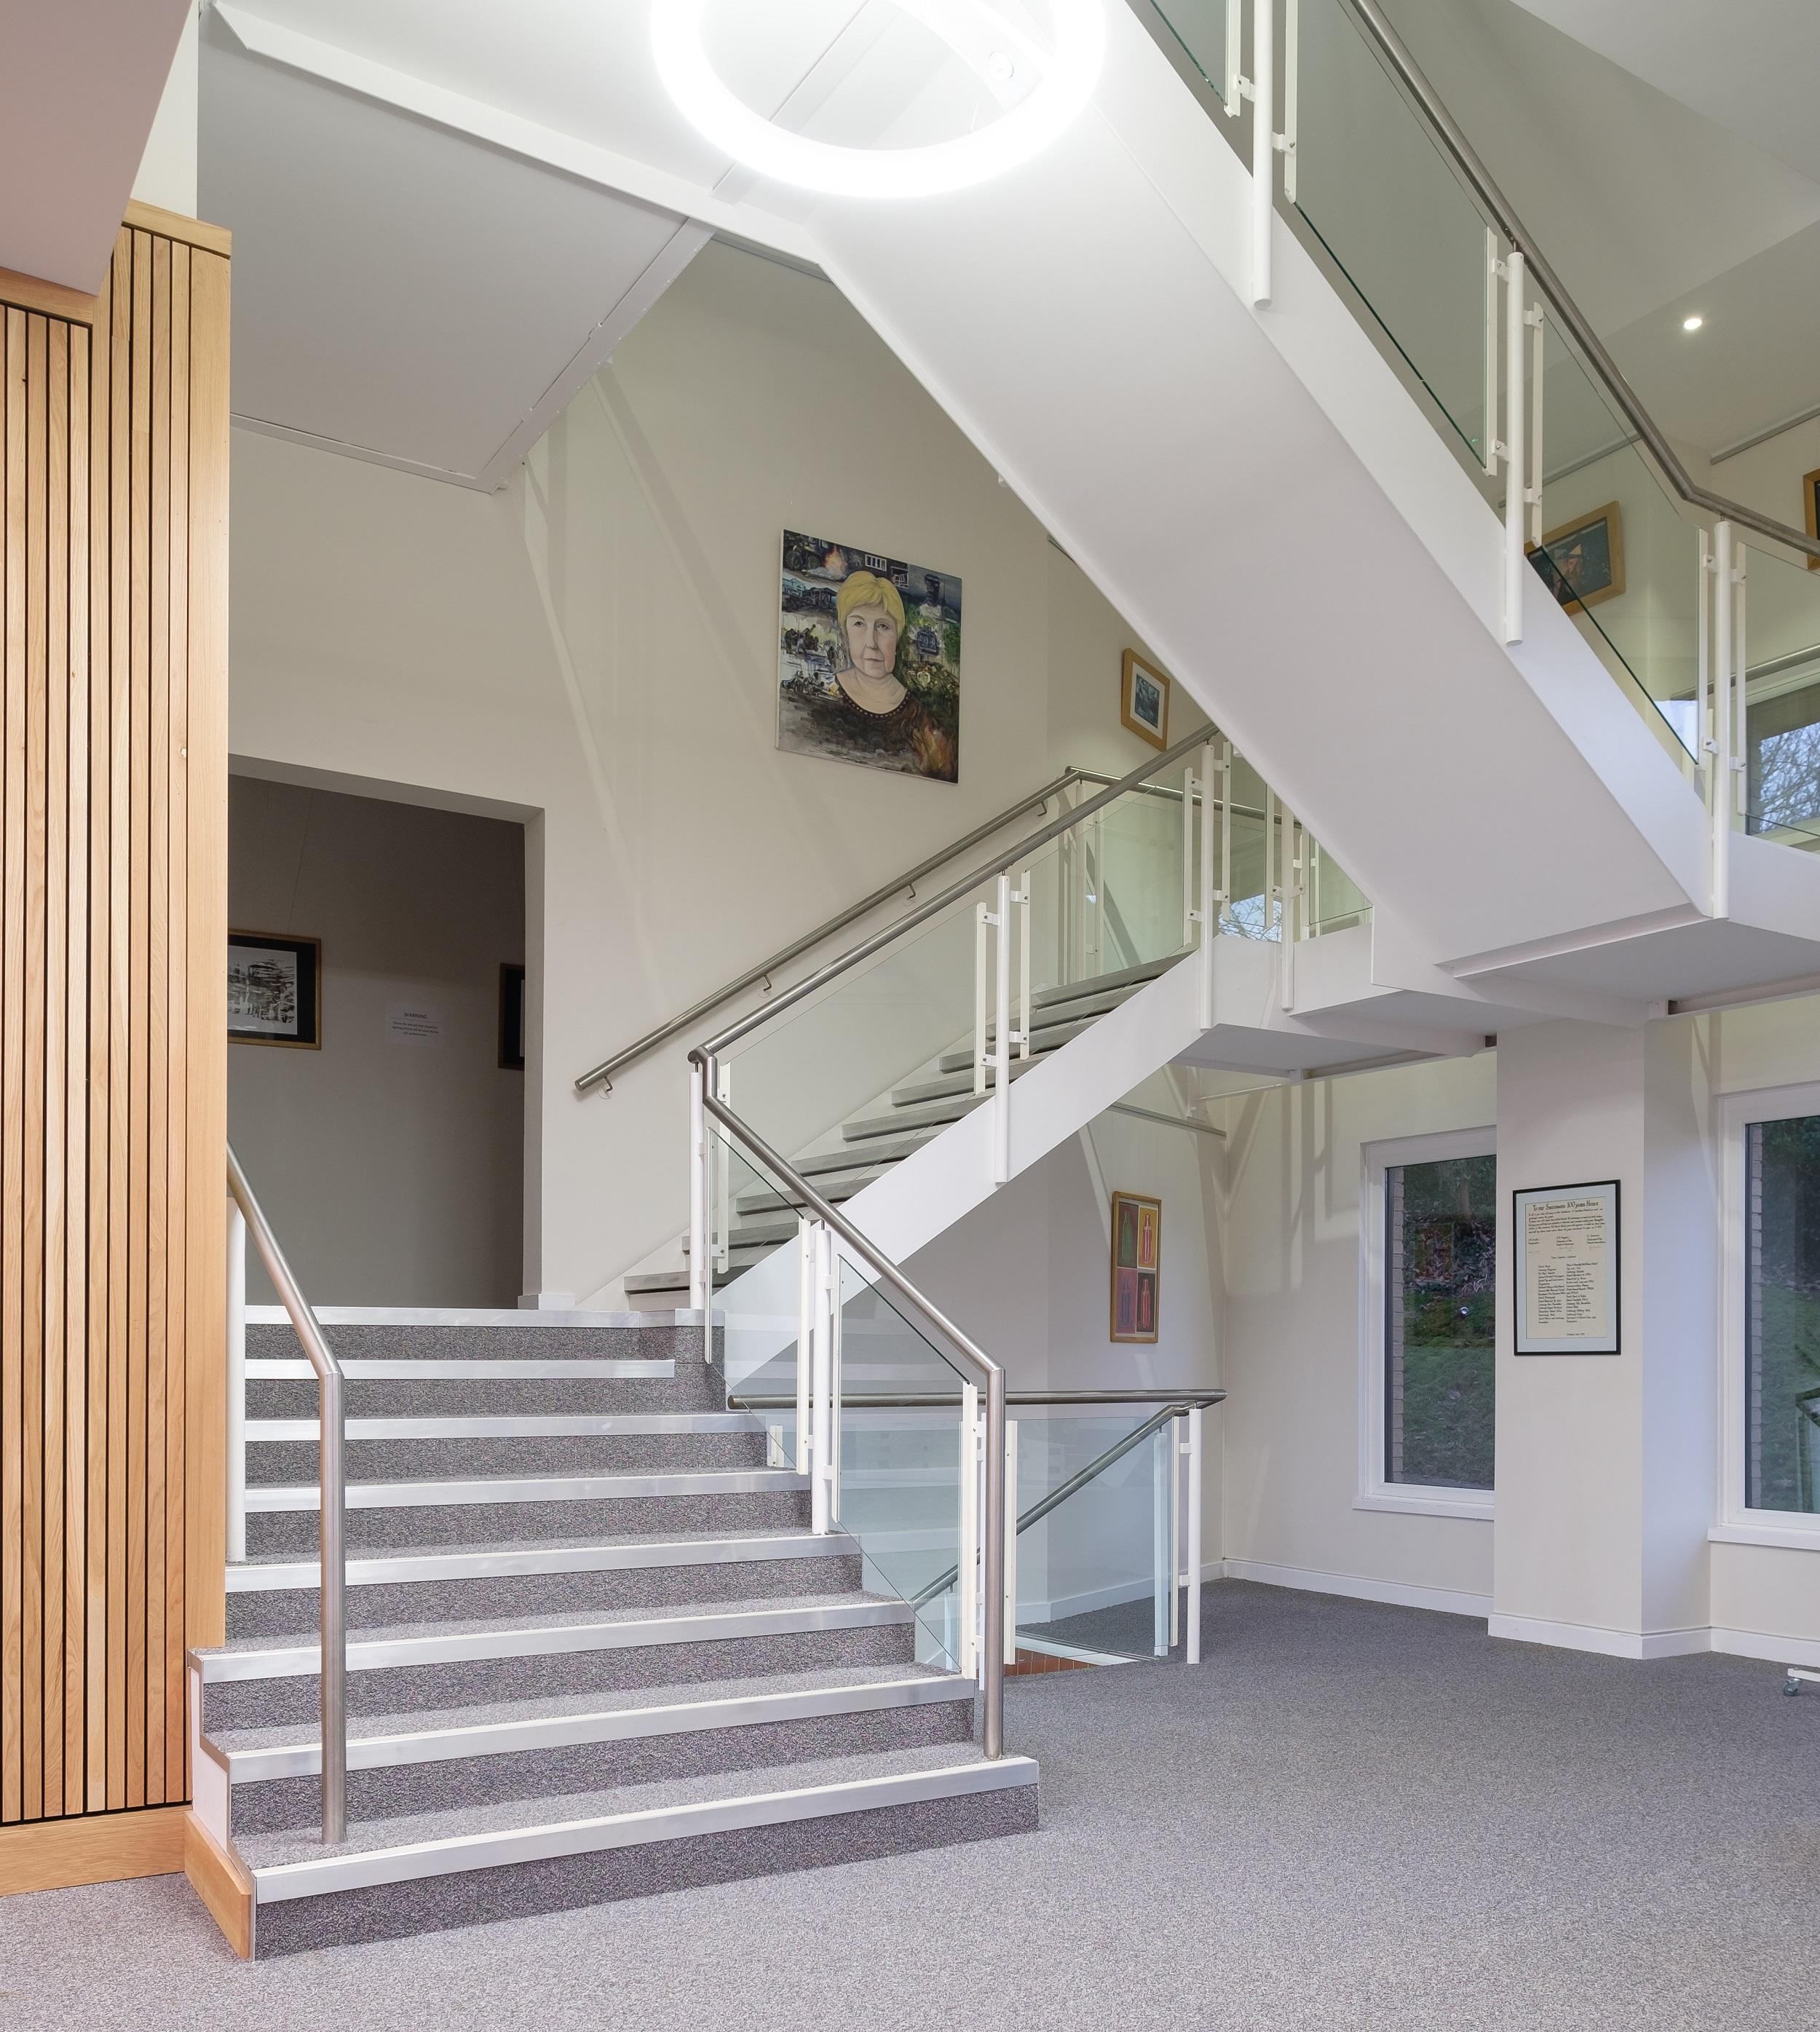 Caterham School, Performing Arts Centre